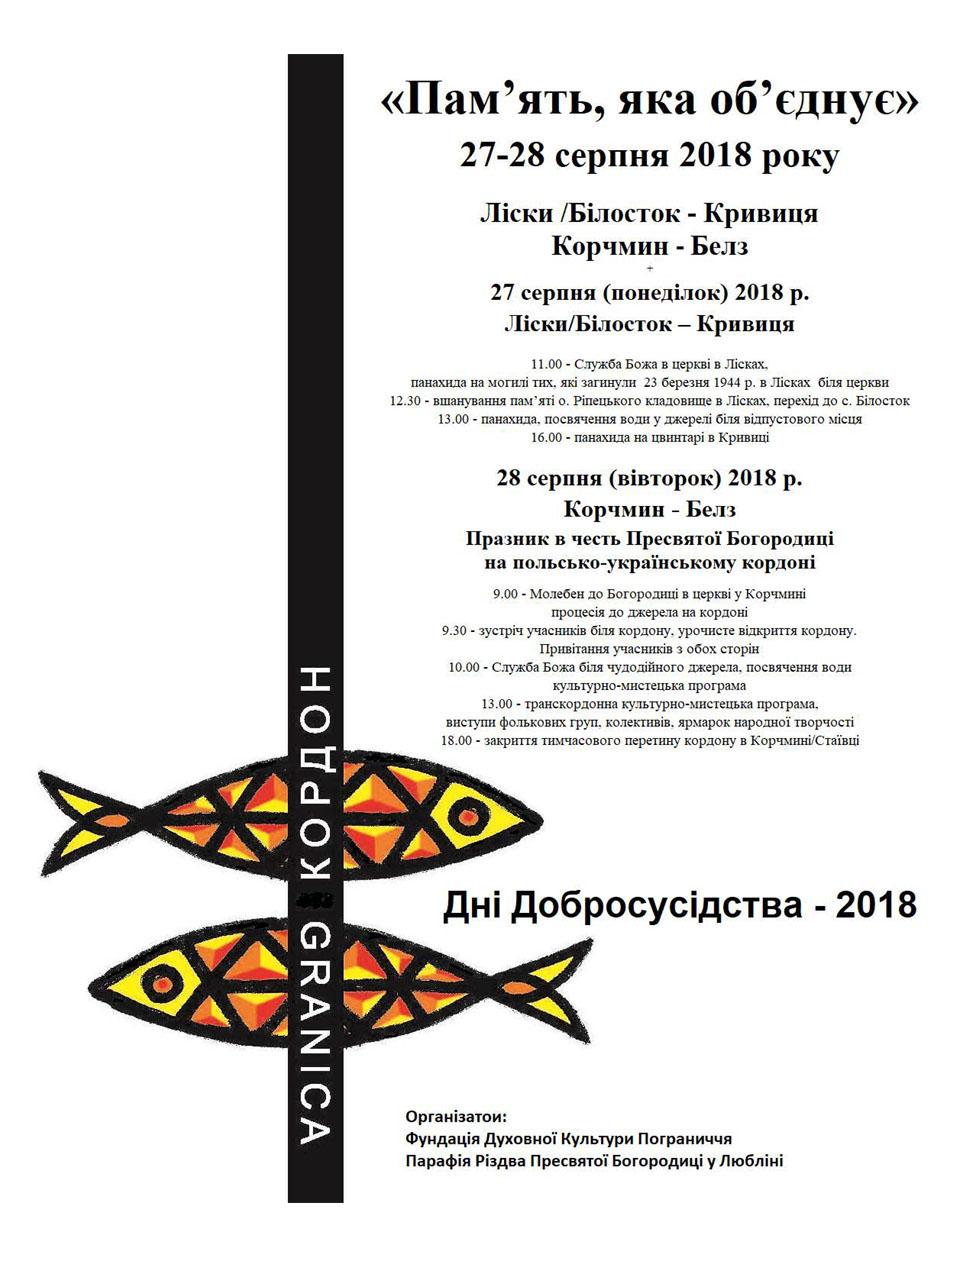 Дні Добросусідства 2018. Корчмин – Белз – Ліски/Білосток – Кривиця